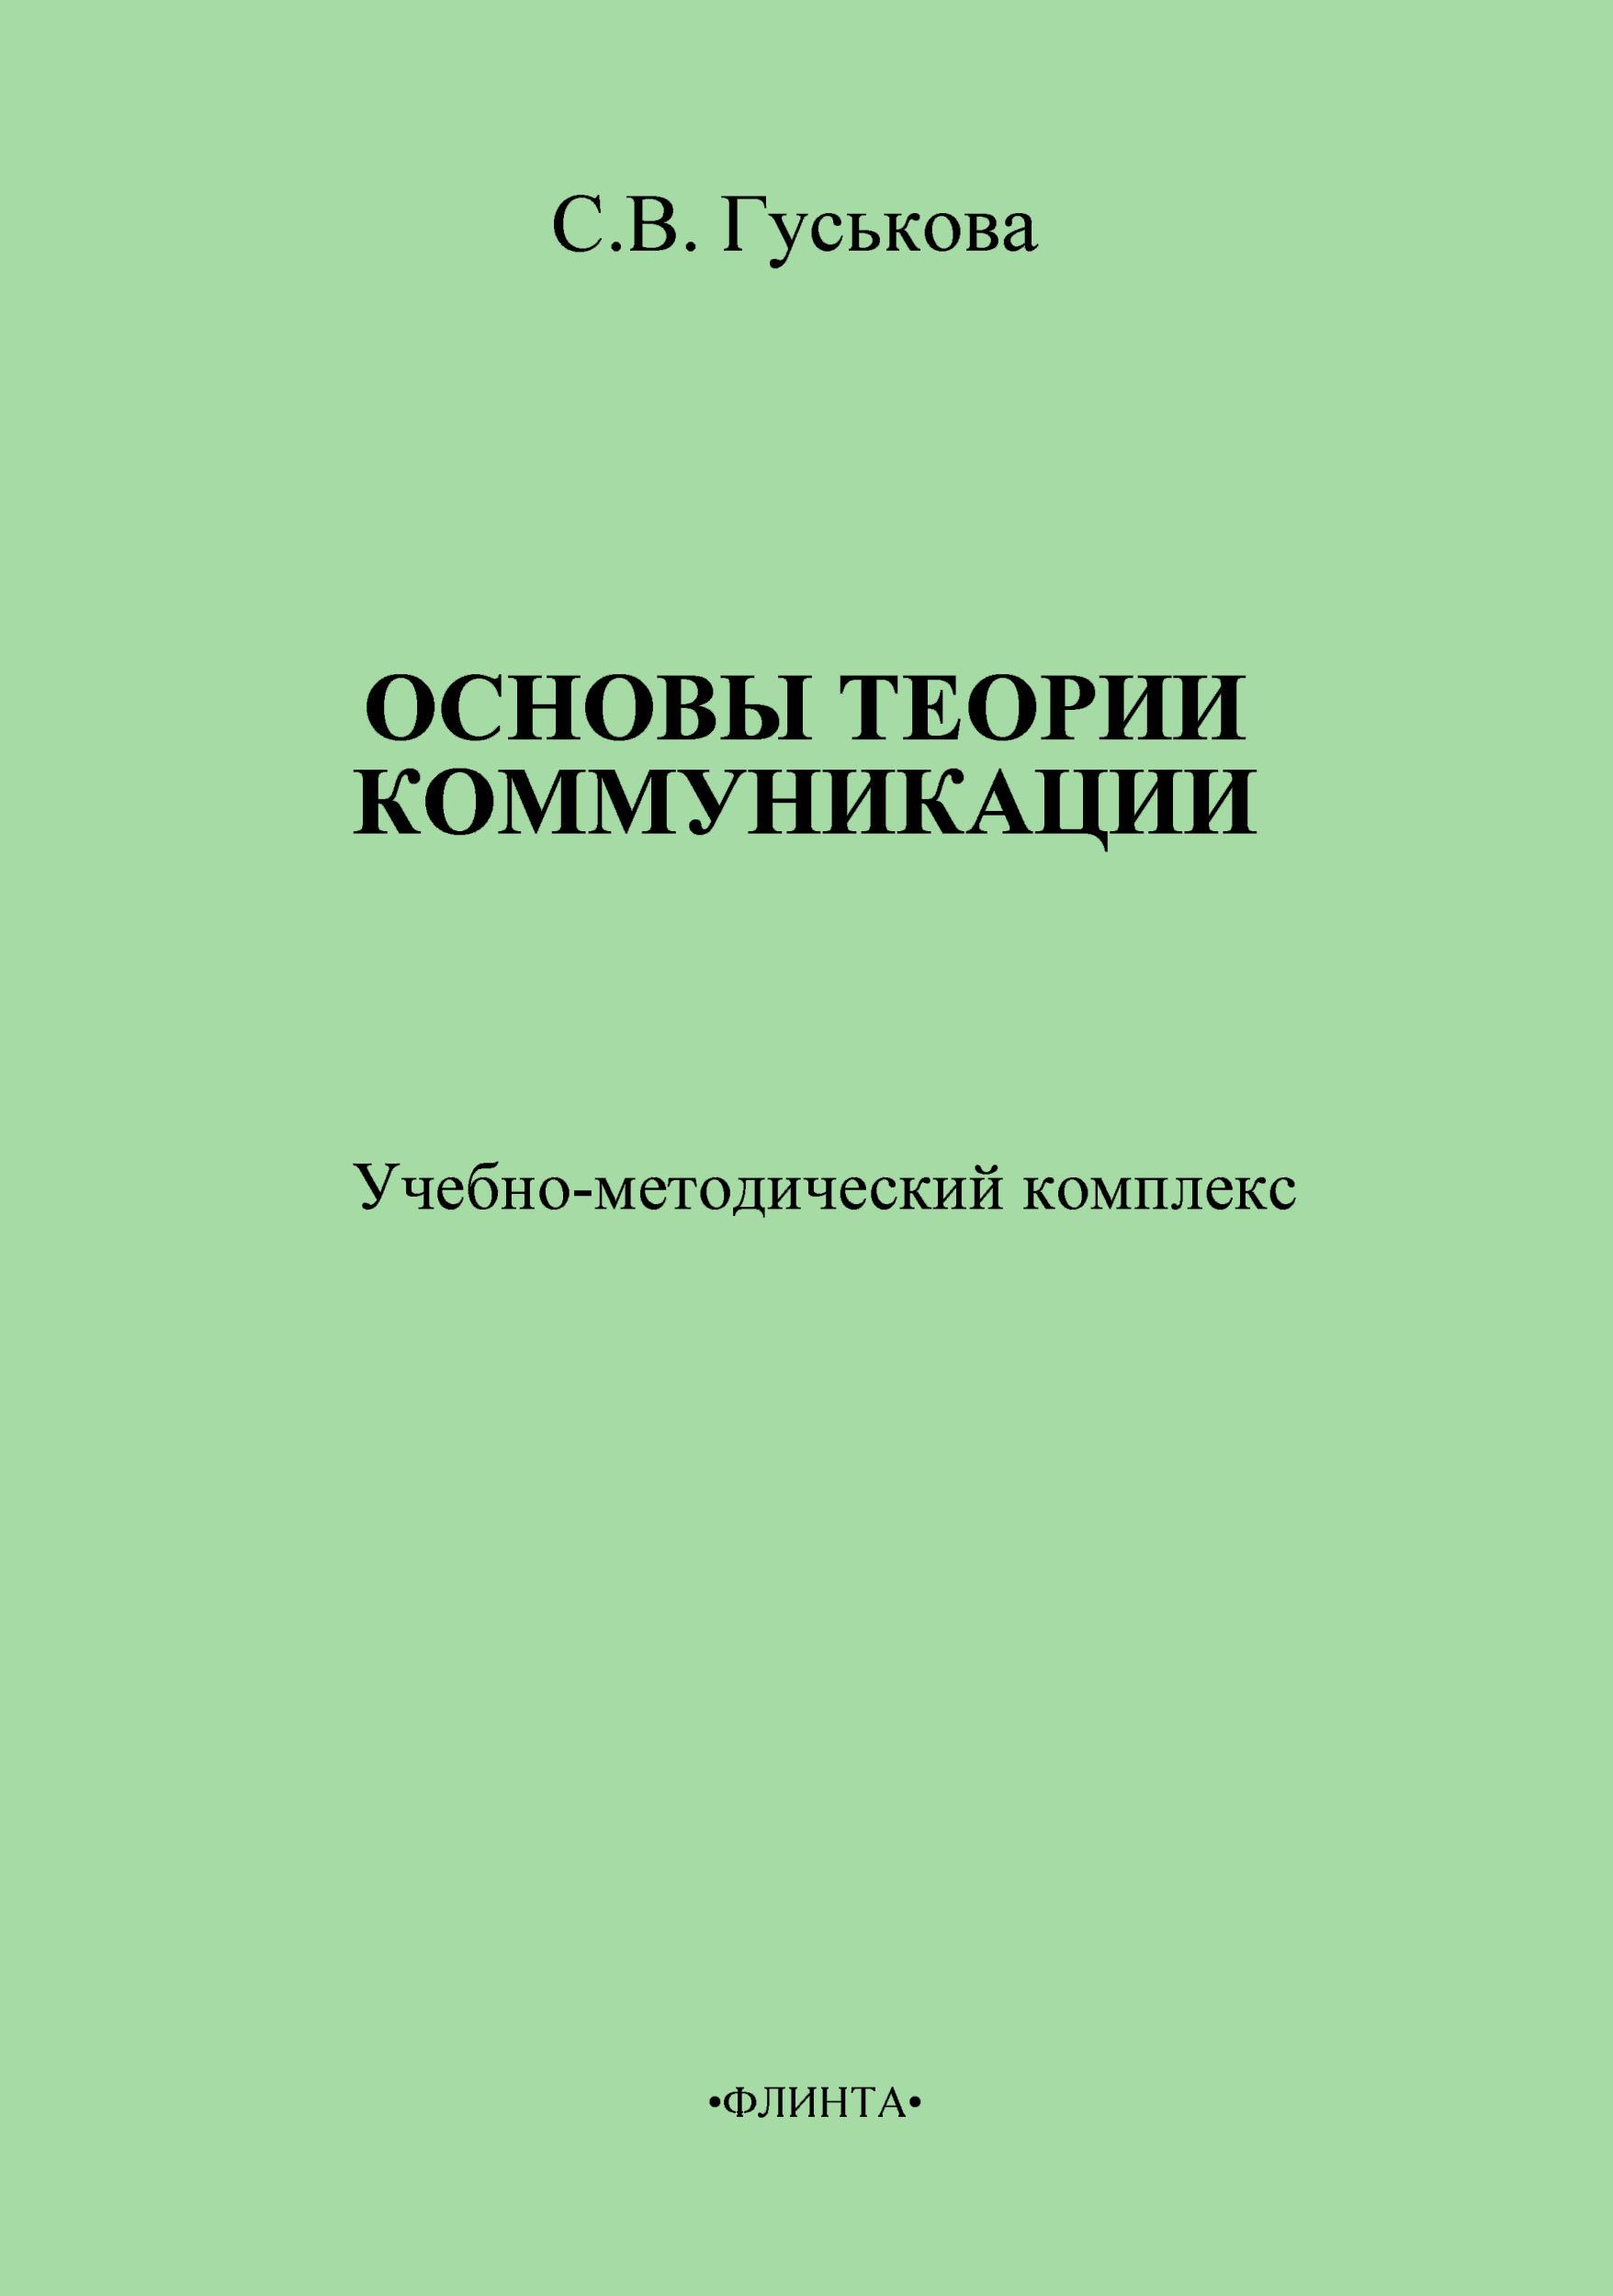 С. В. Гуськова Основы теории коммуникации. Учебно-методическое пособие цена